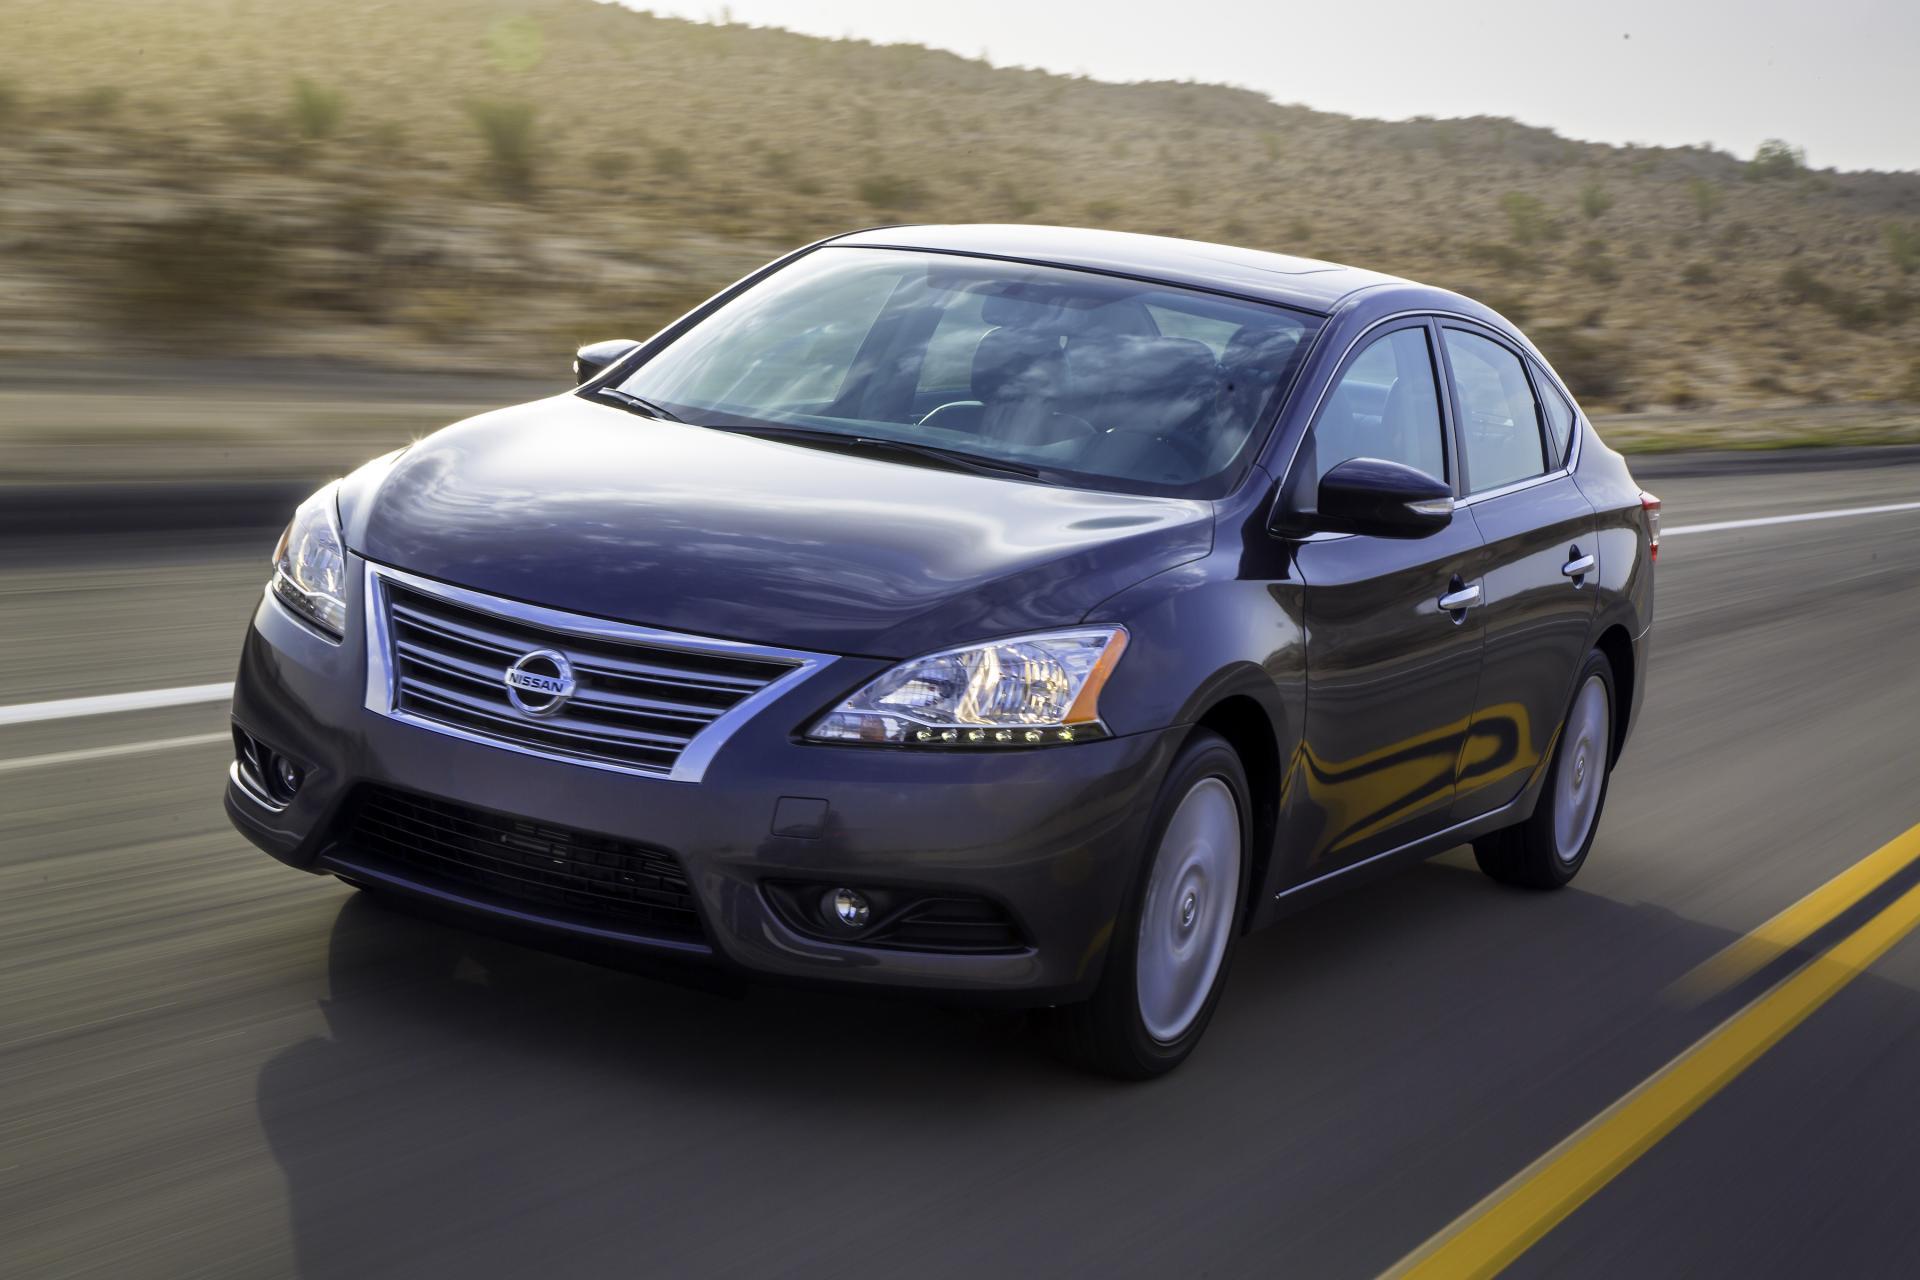 2014 Nissan Sentra News and Information | conceptcarz.com